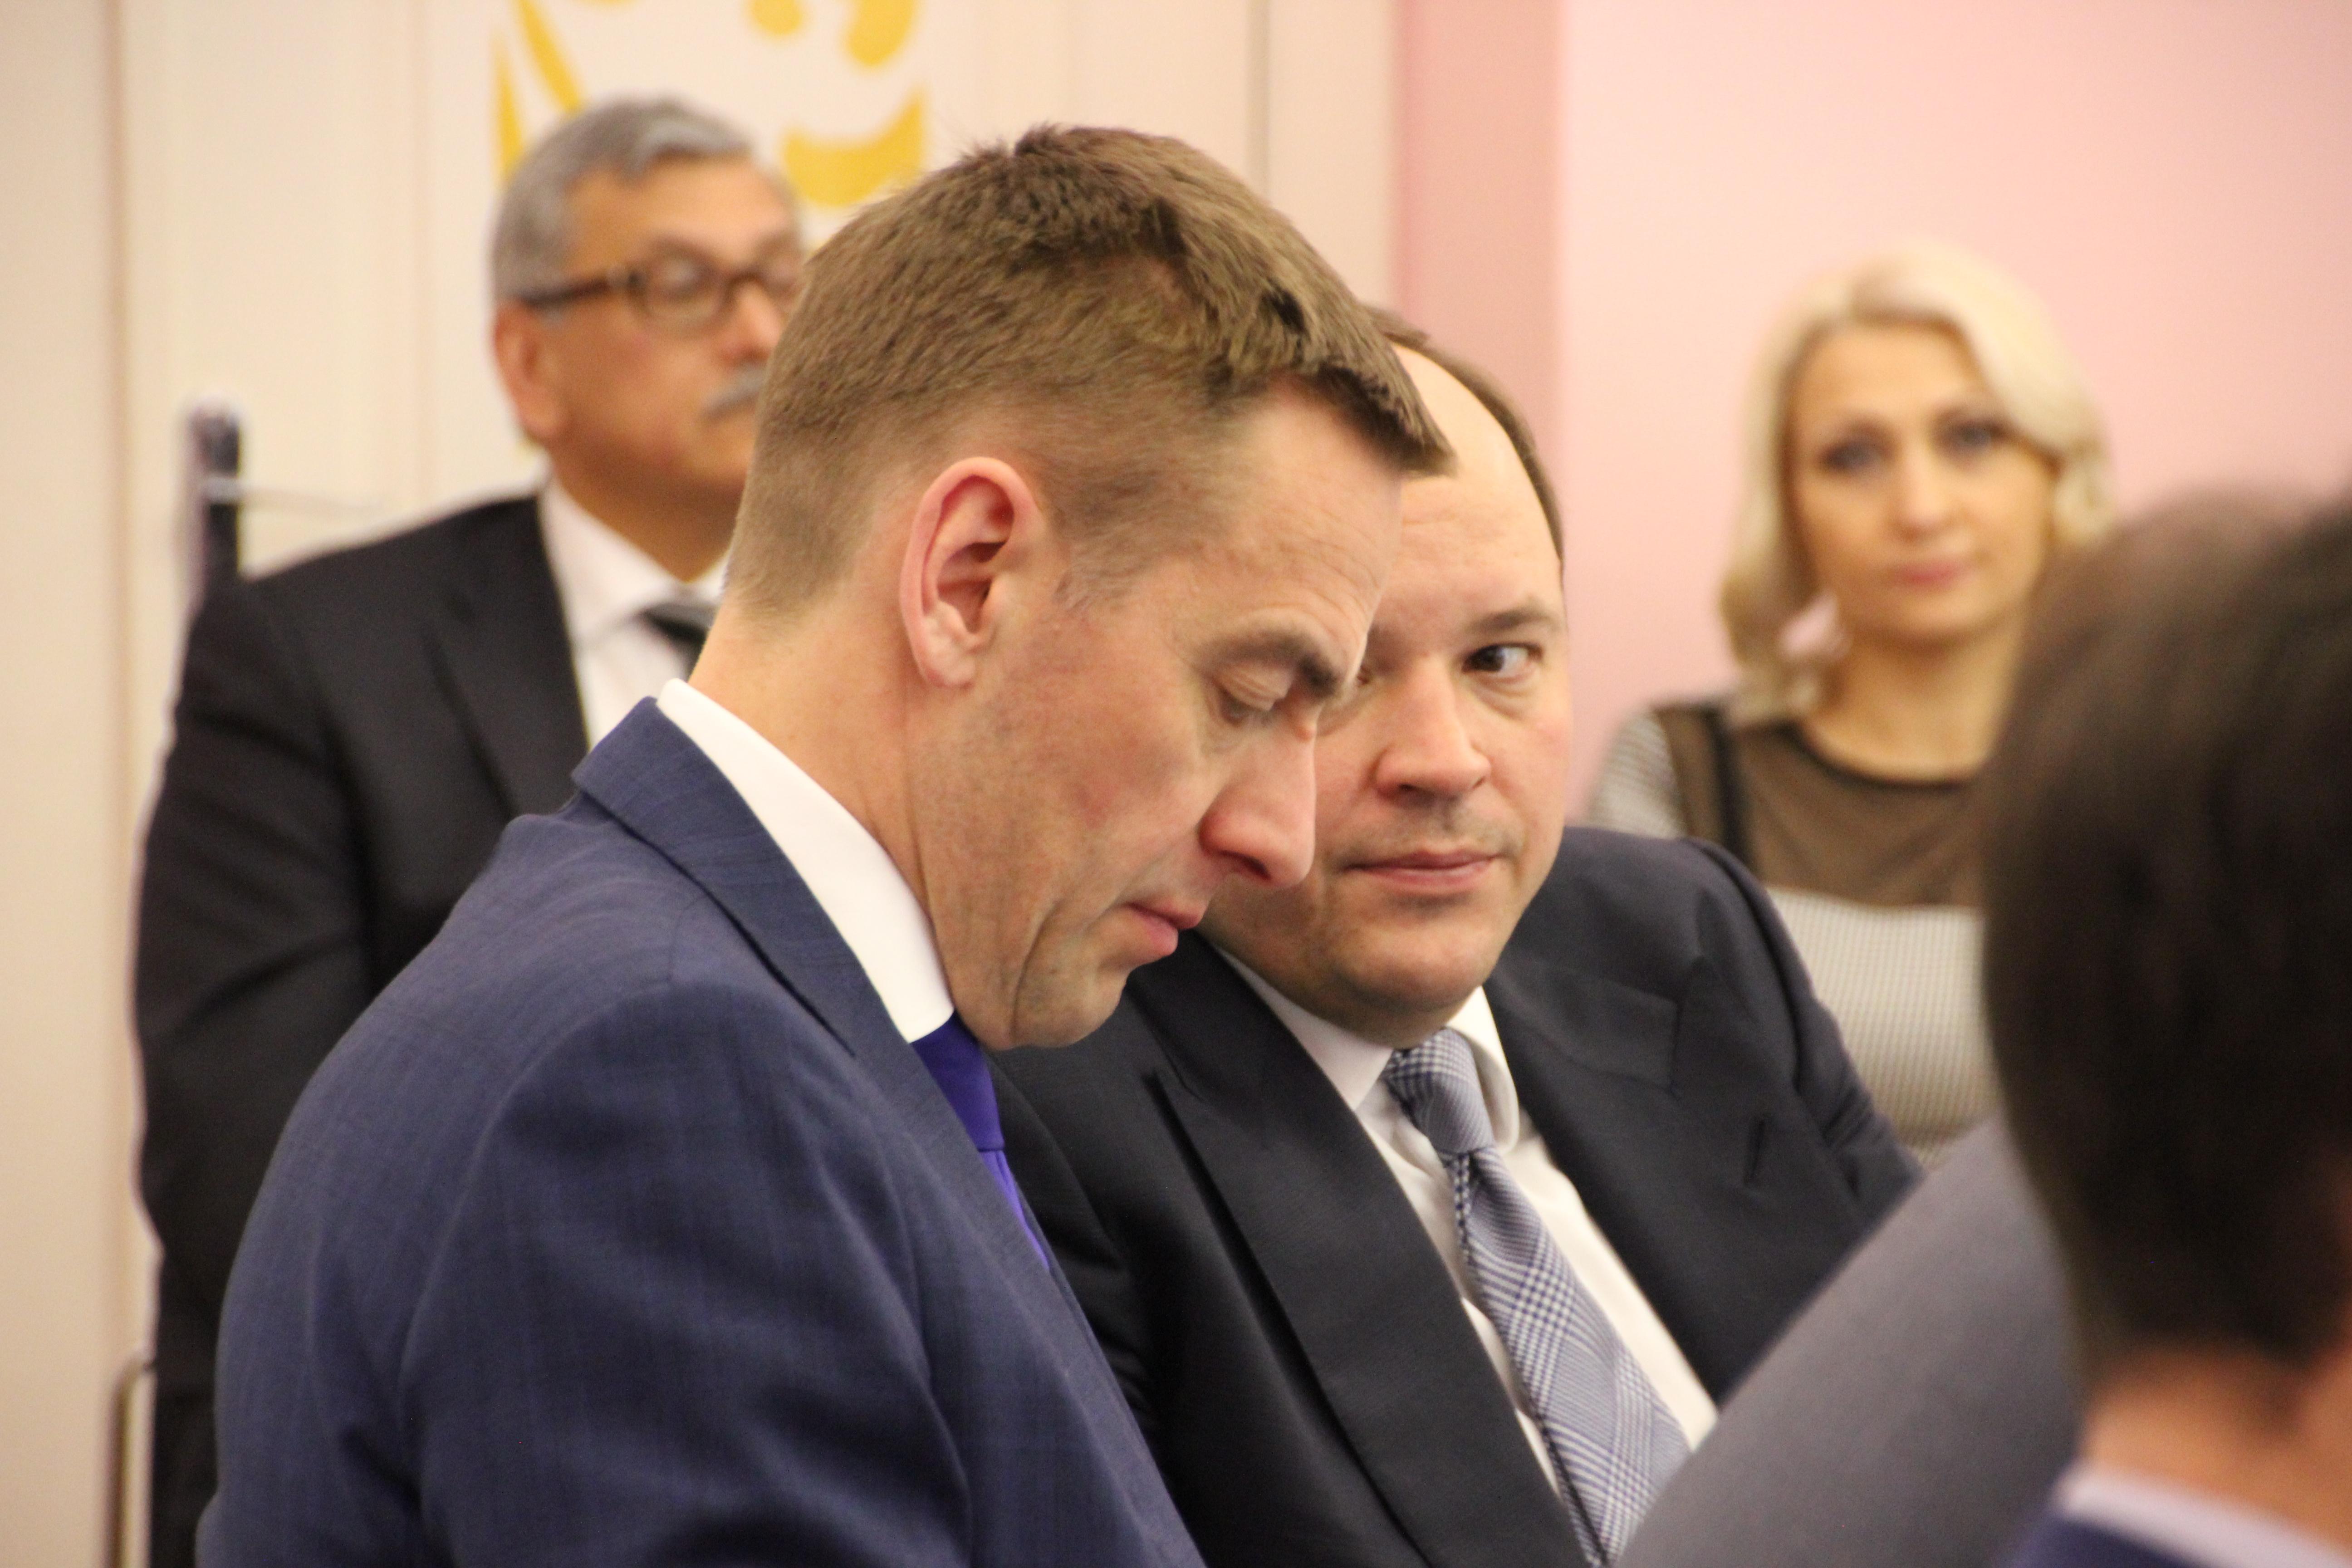 заместитель министра промышленности и торговли Российской Федерации Виктор Леонидович Евтухов